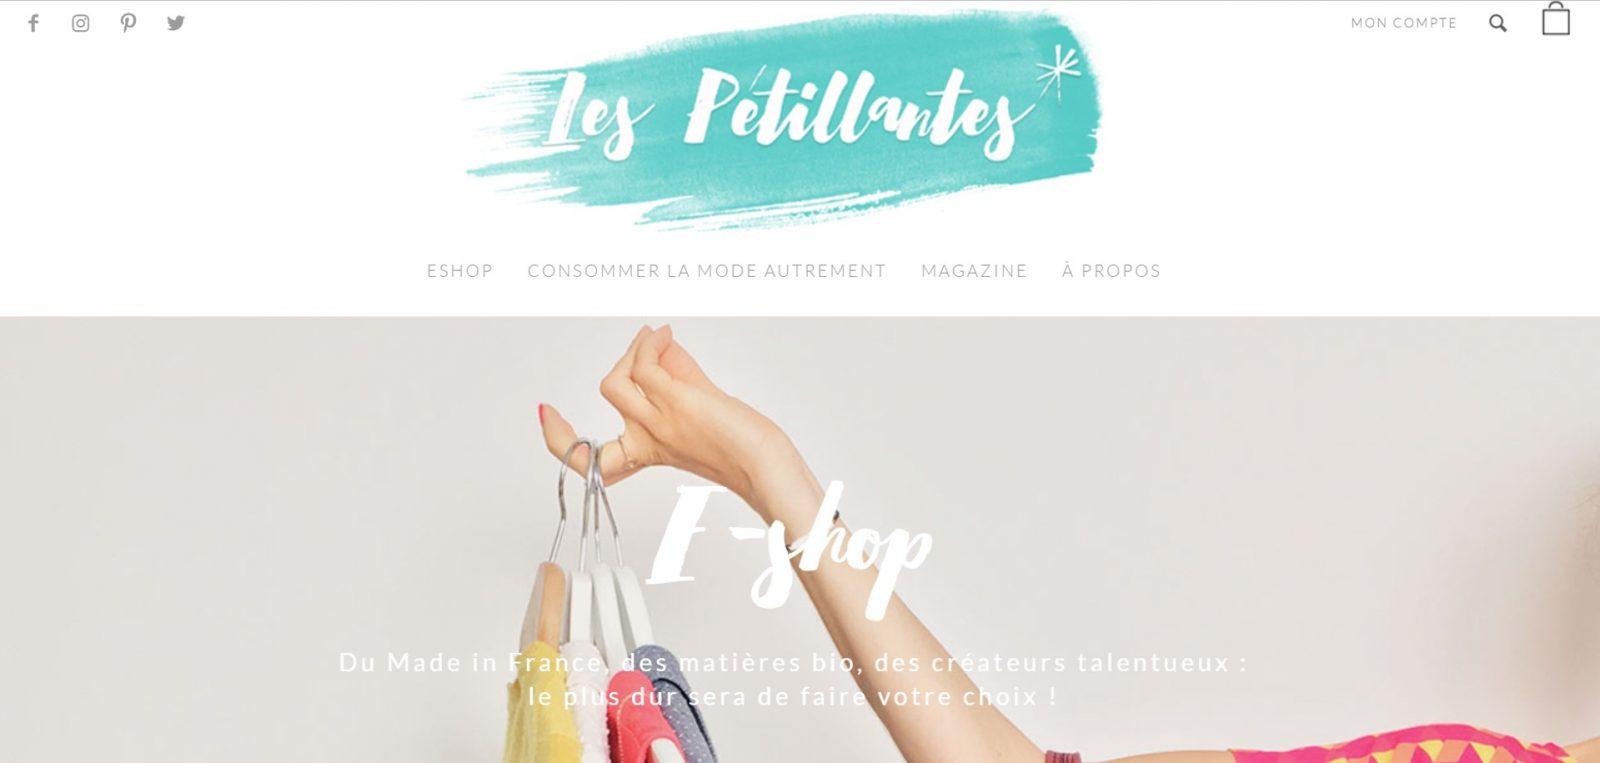 Les pétillantes boutique en ligne mode éthique